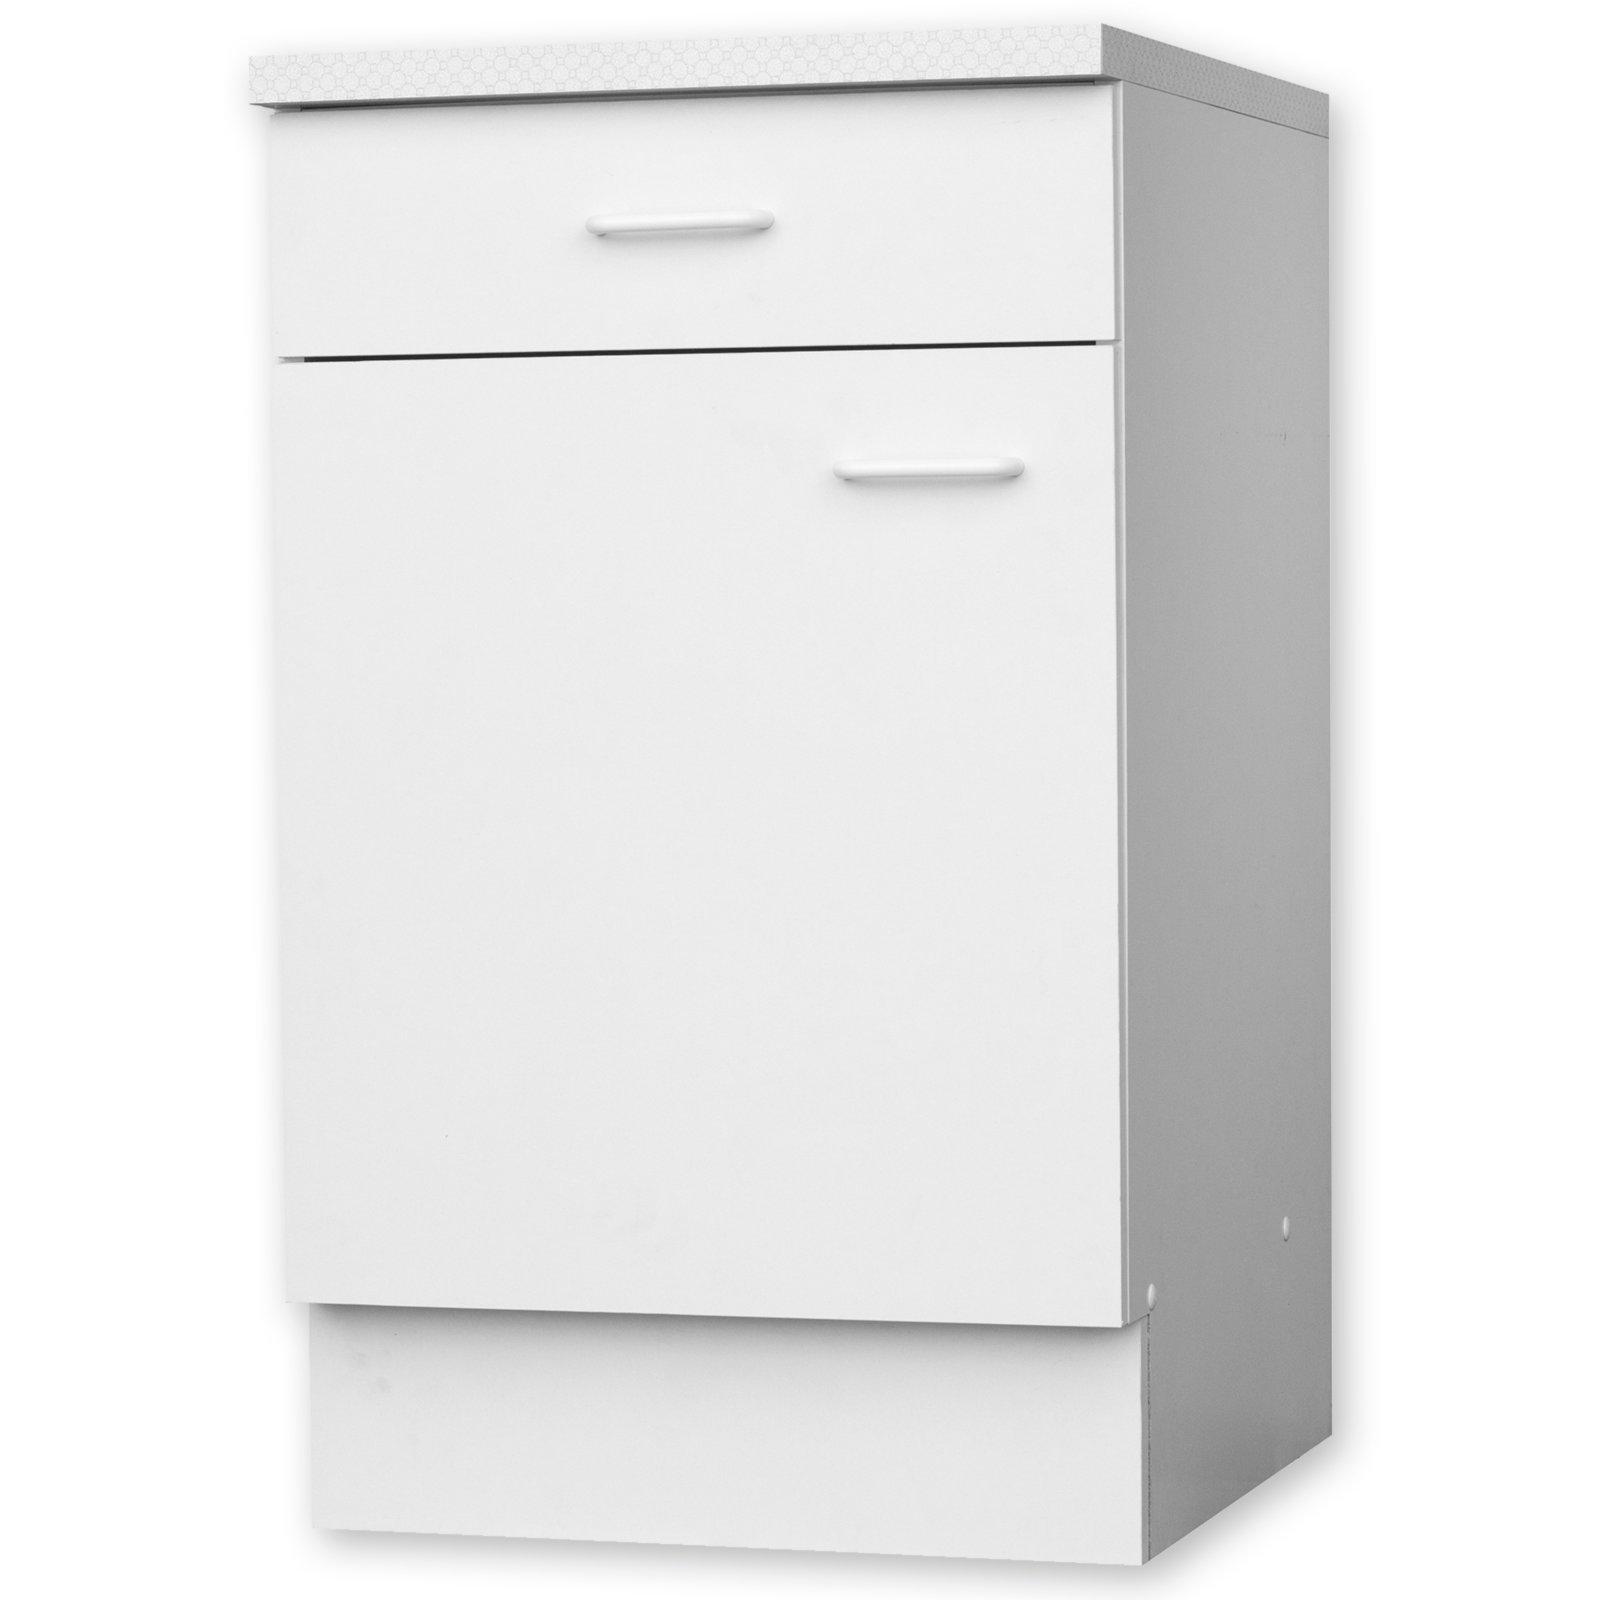 Einzelne Küchenschränke von ROLLER - Riesige Auswahl günstiger ...